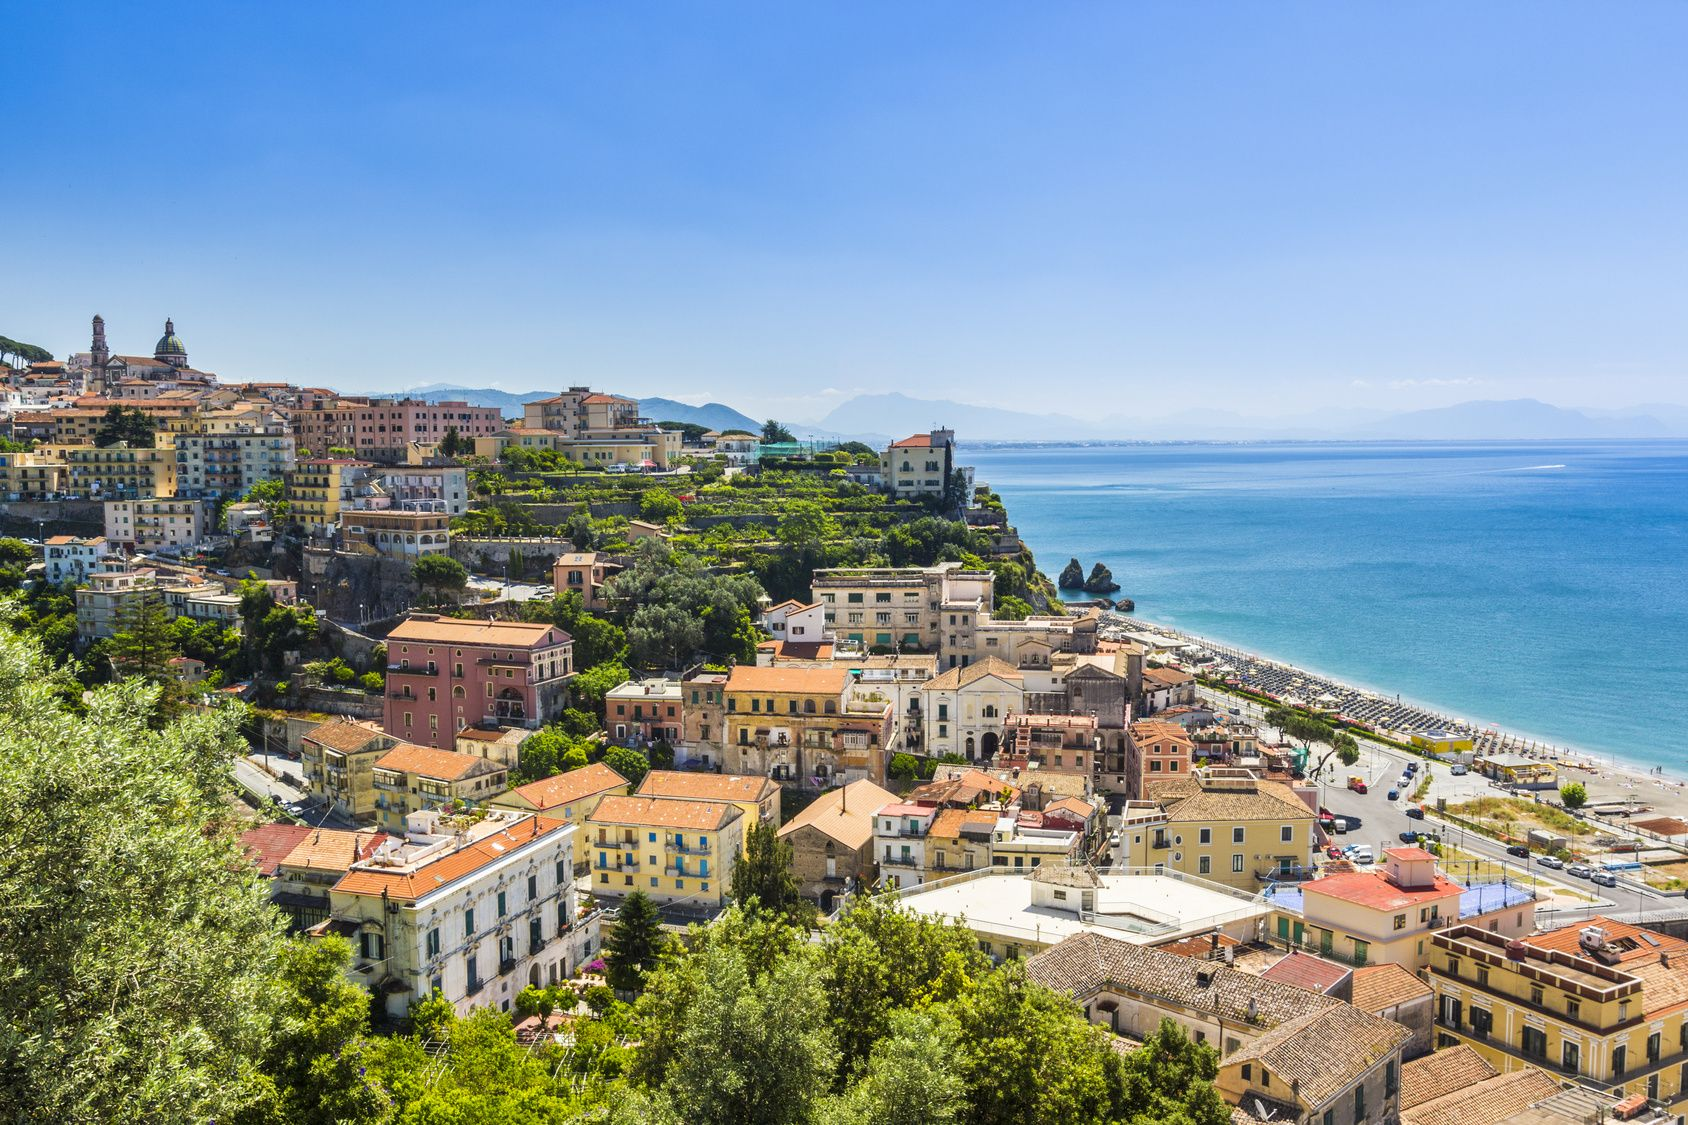 City of Vietri sul Mare